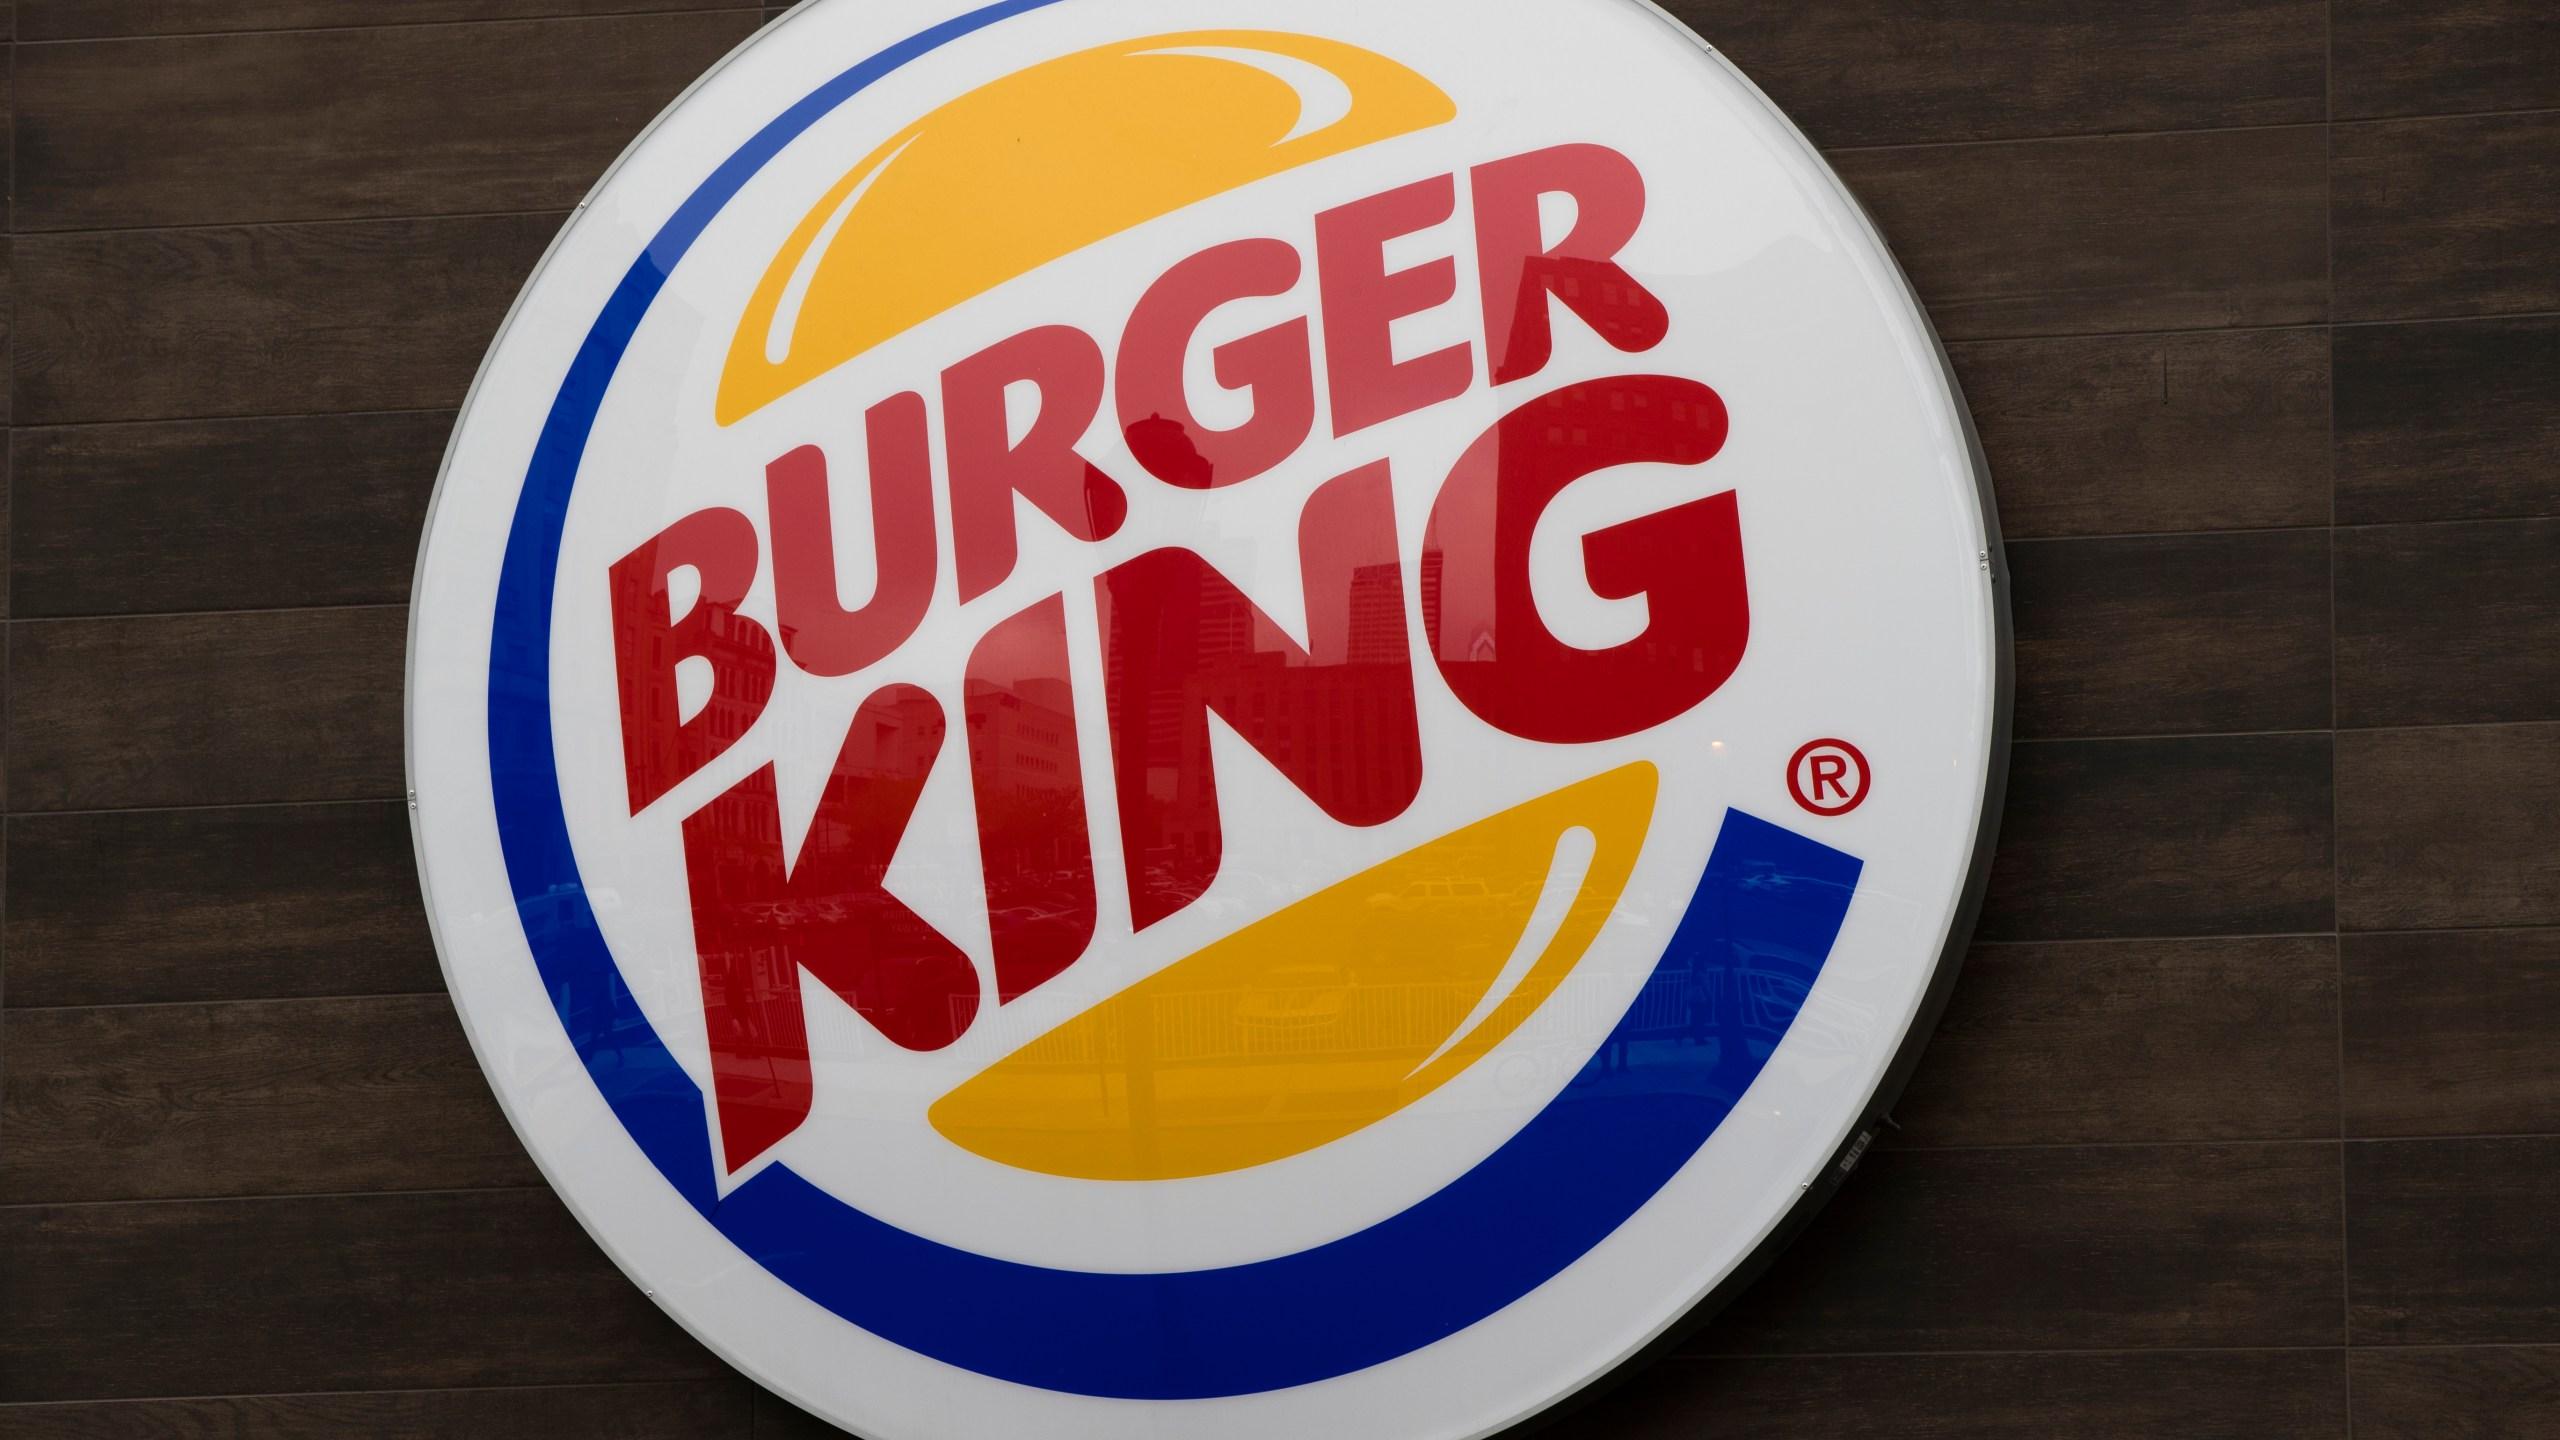 Burger_King_24929-159532.jpg26295053